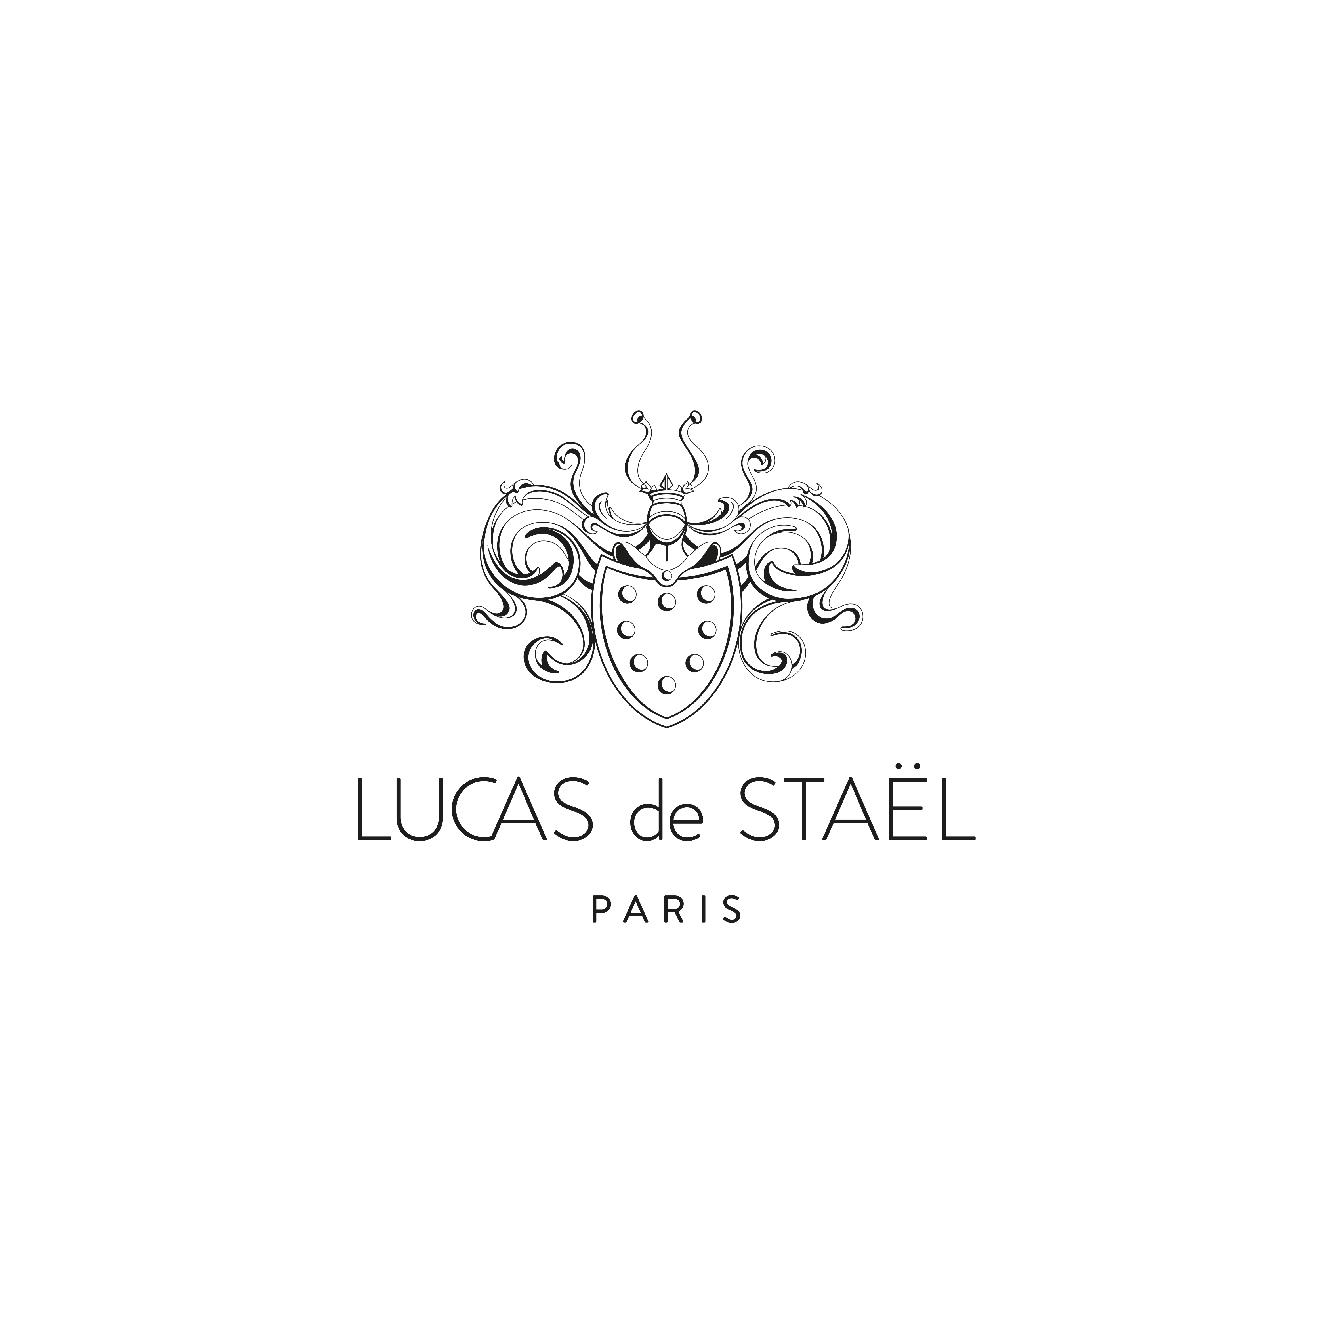 Lukas de Stael